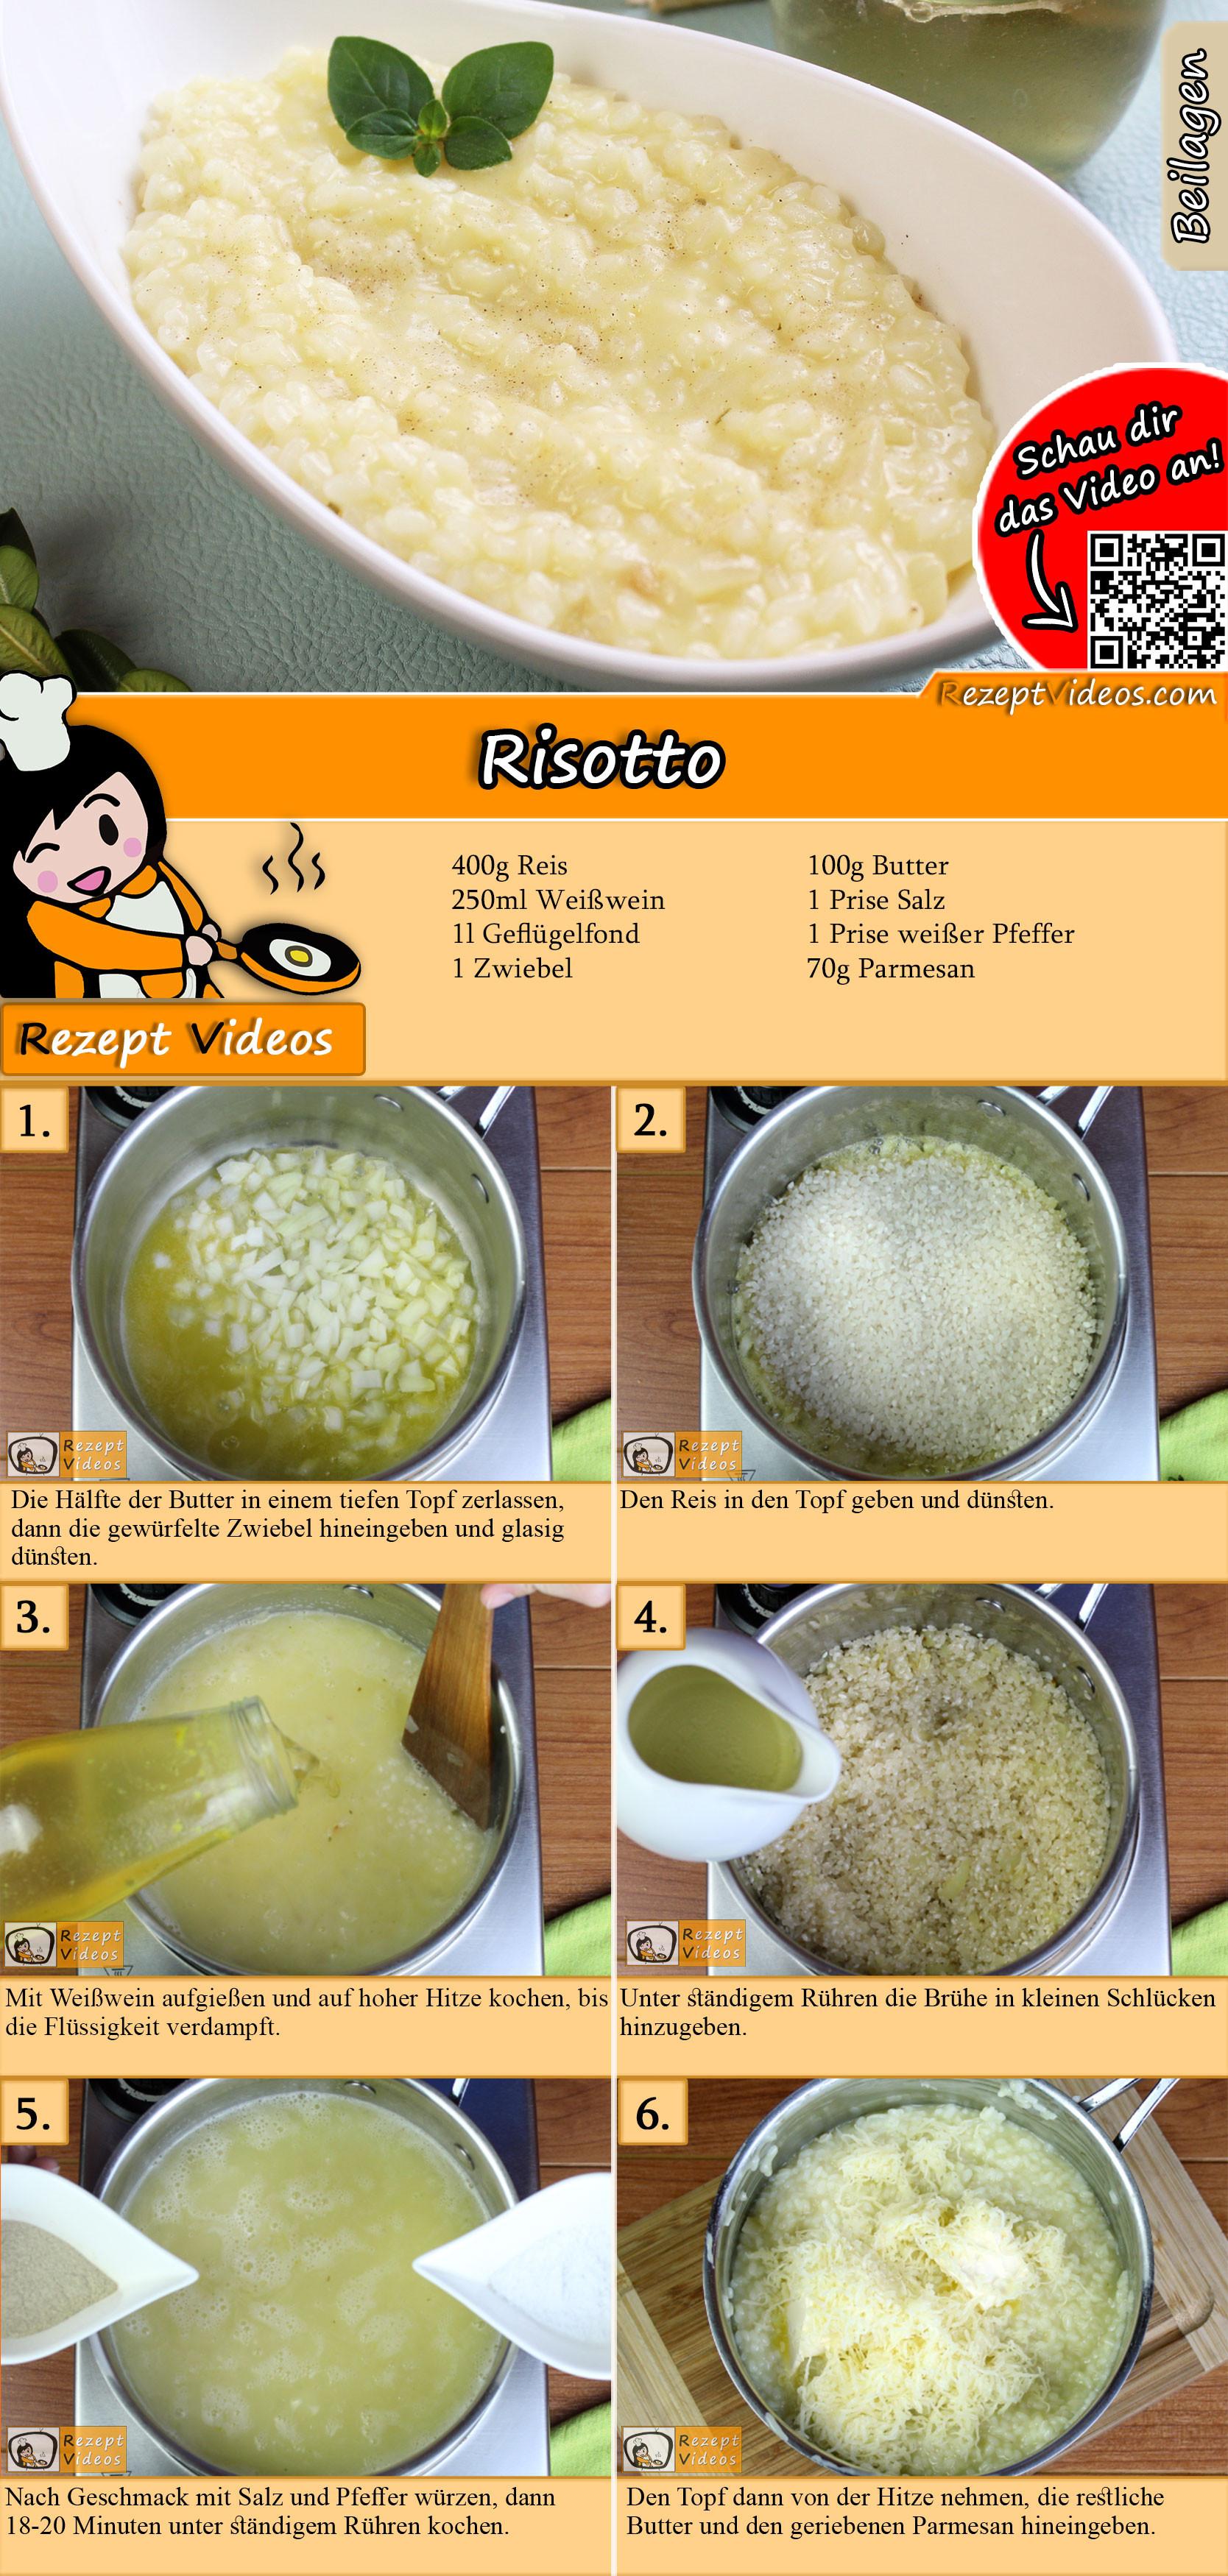 Risotto Rezept mit Video